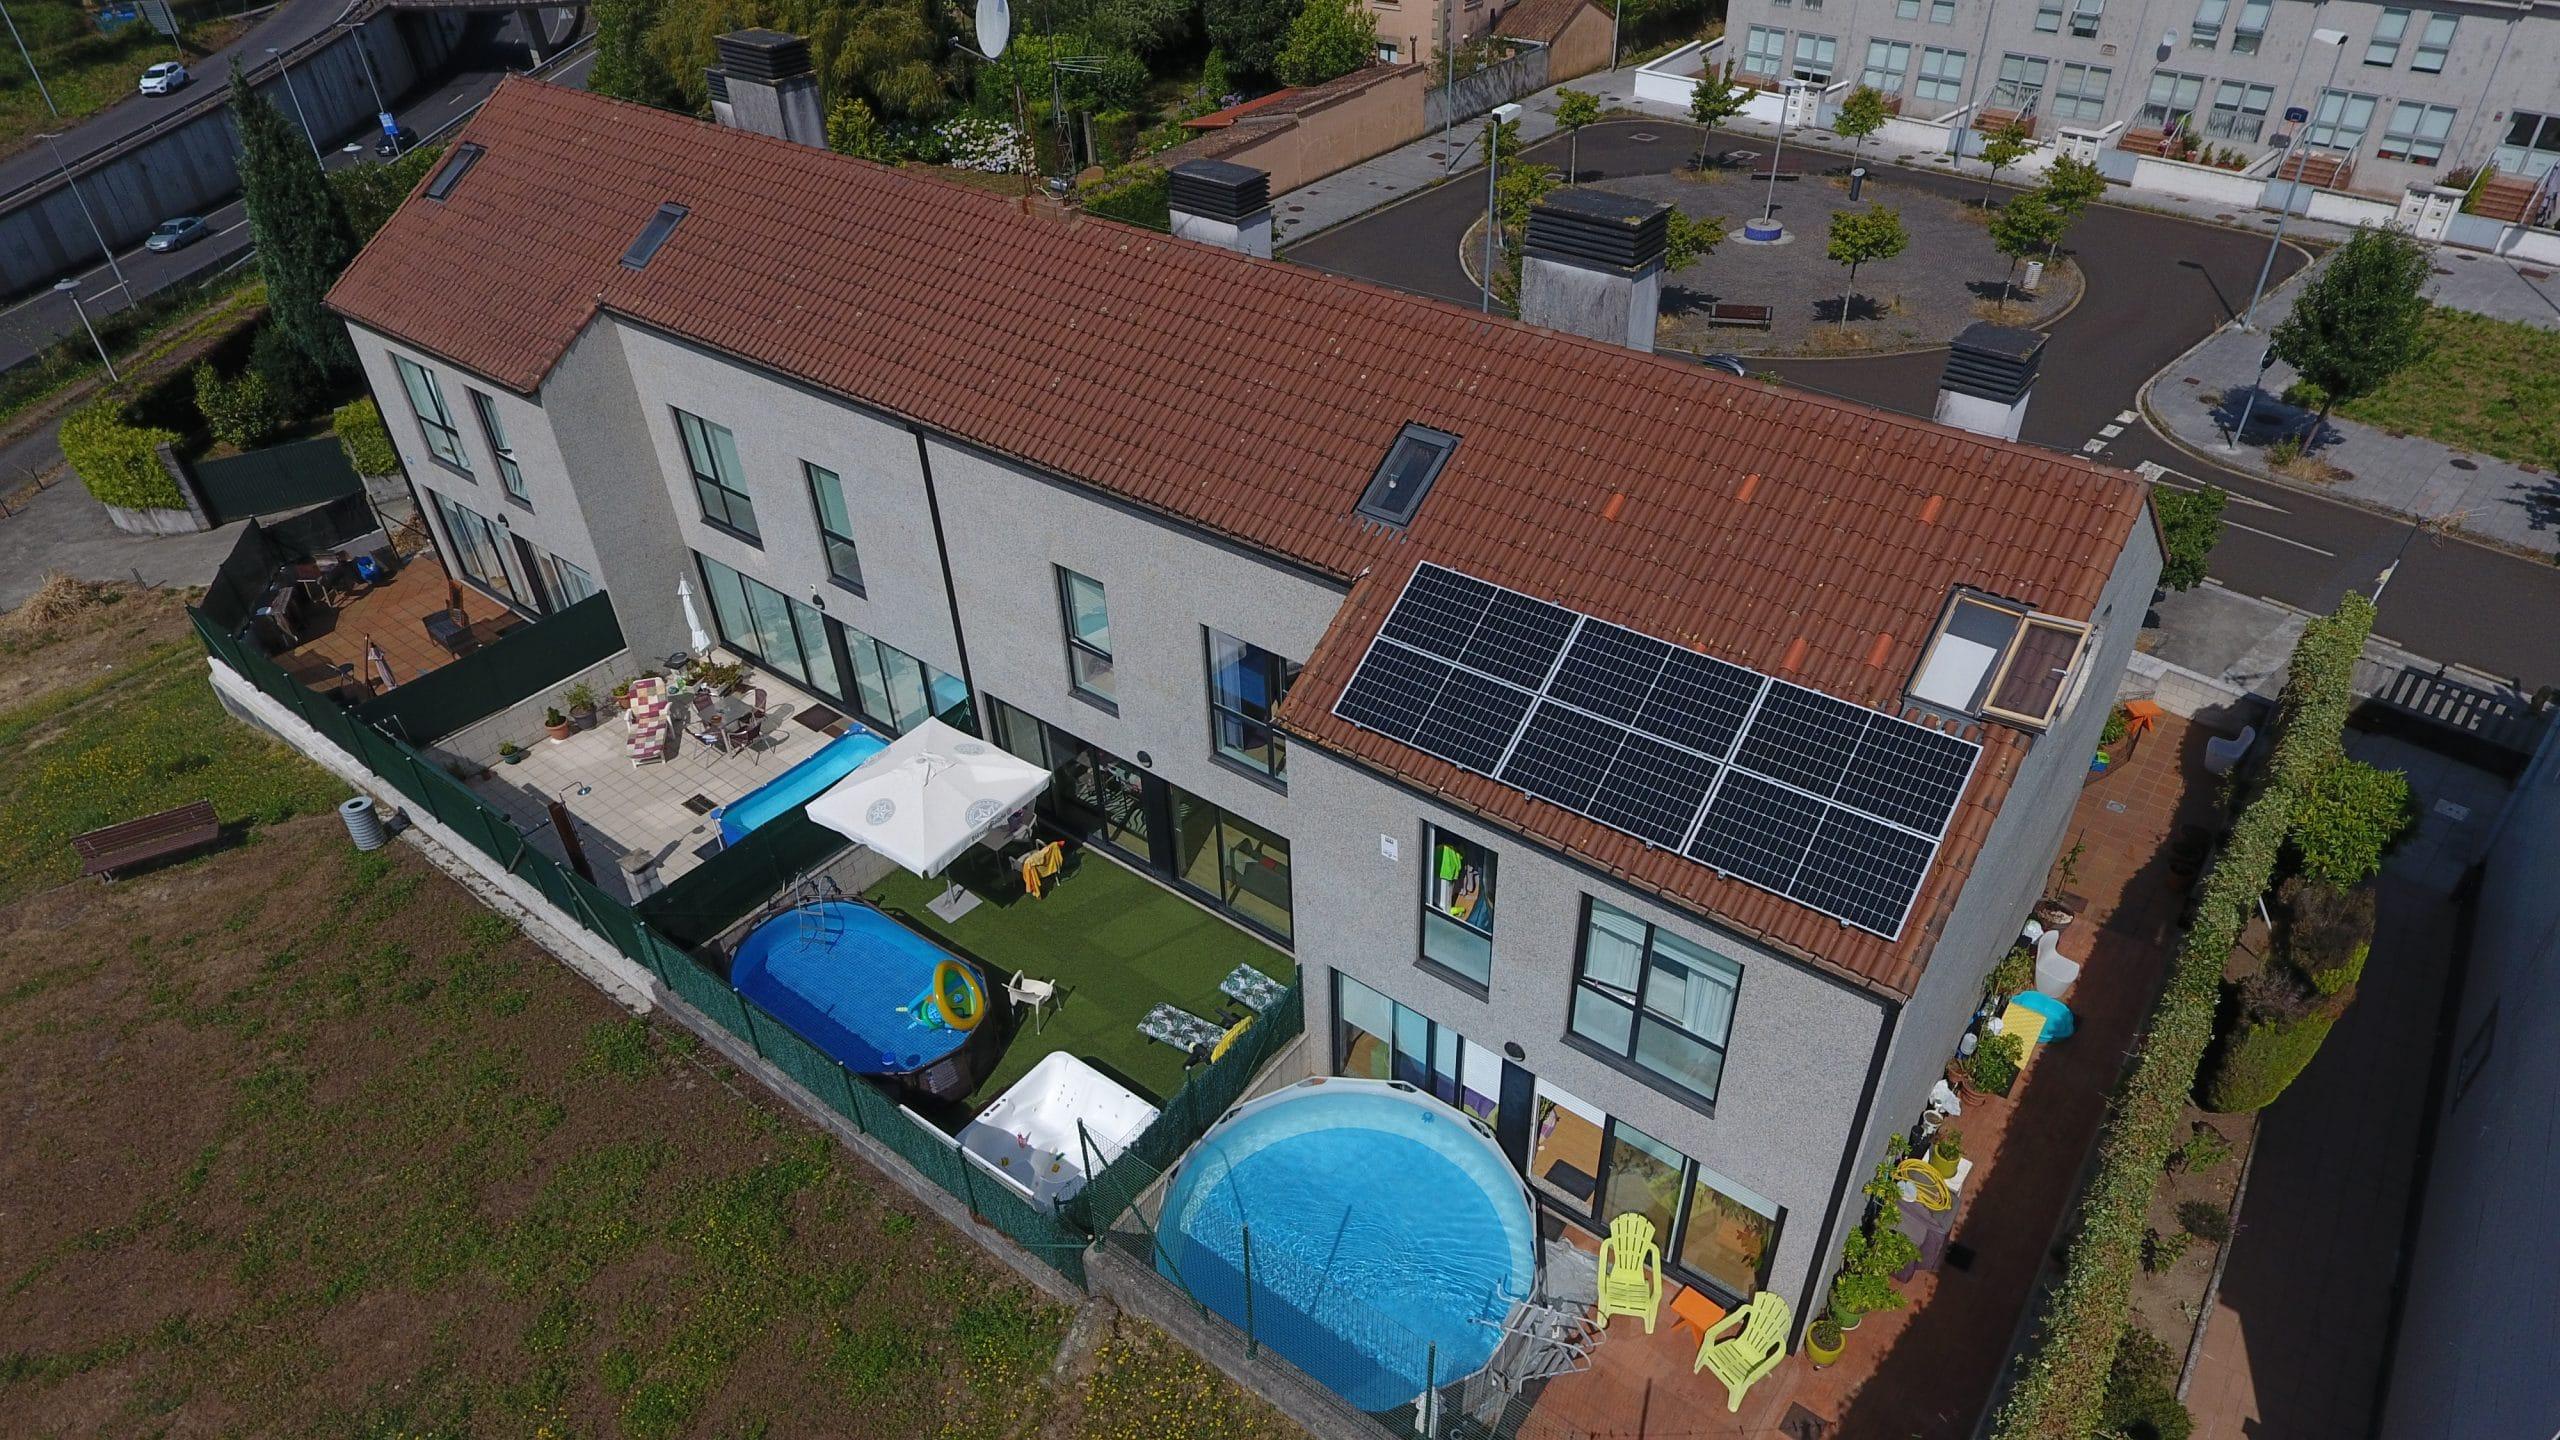 Instalación fotovoltaica para autoconsumo casa